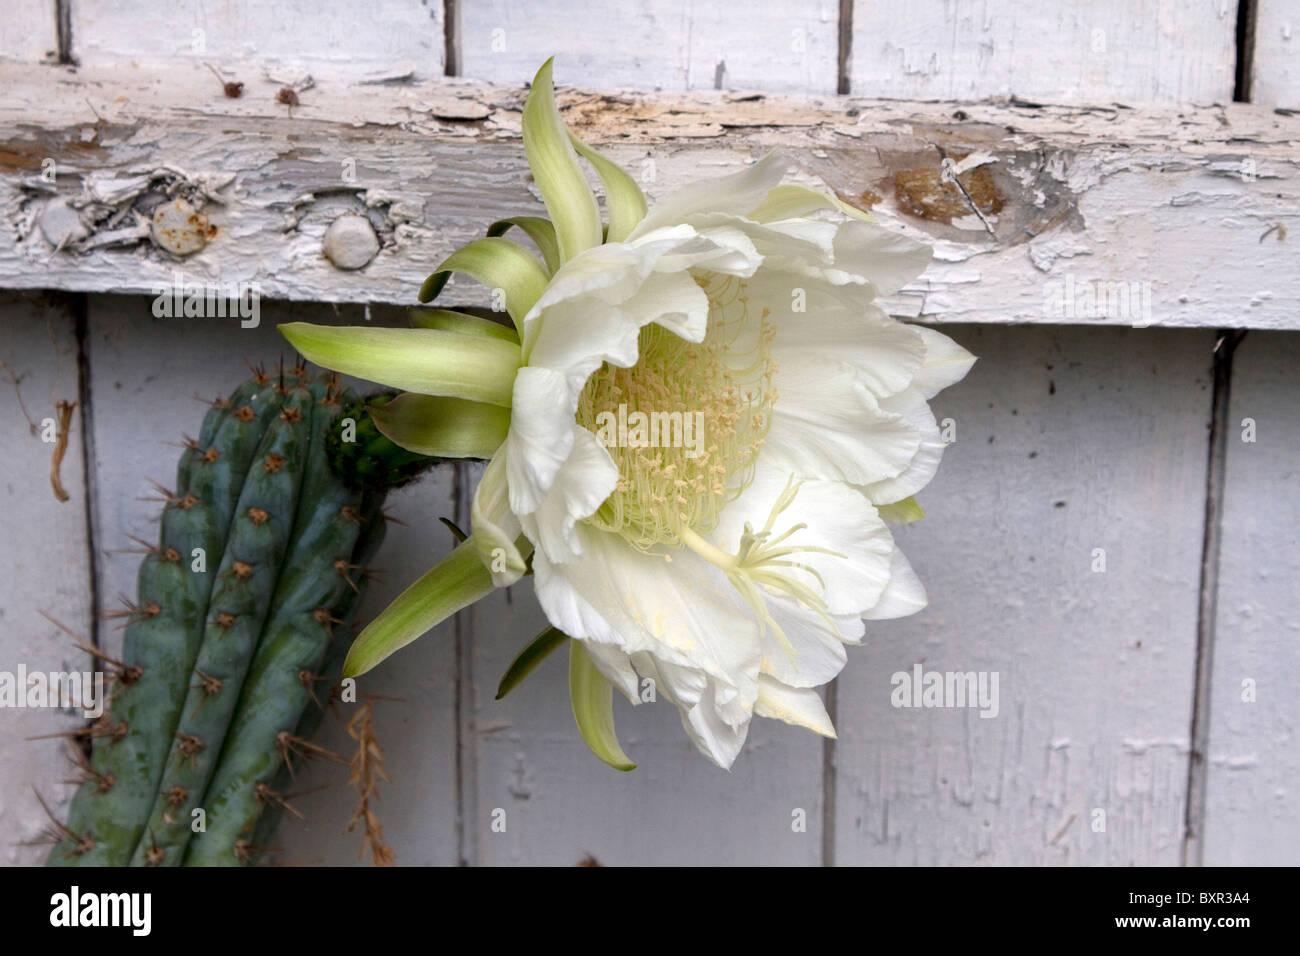 Night flowering cactus (Hylocereus undatus) - Stock Image